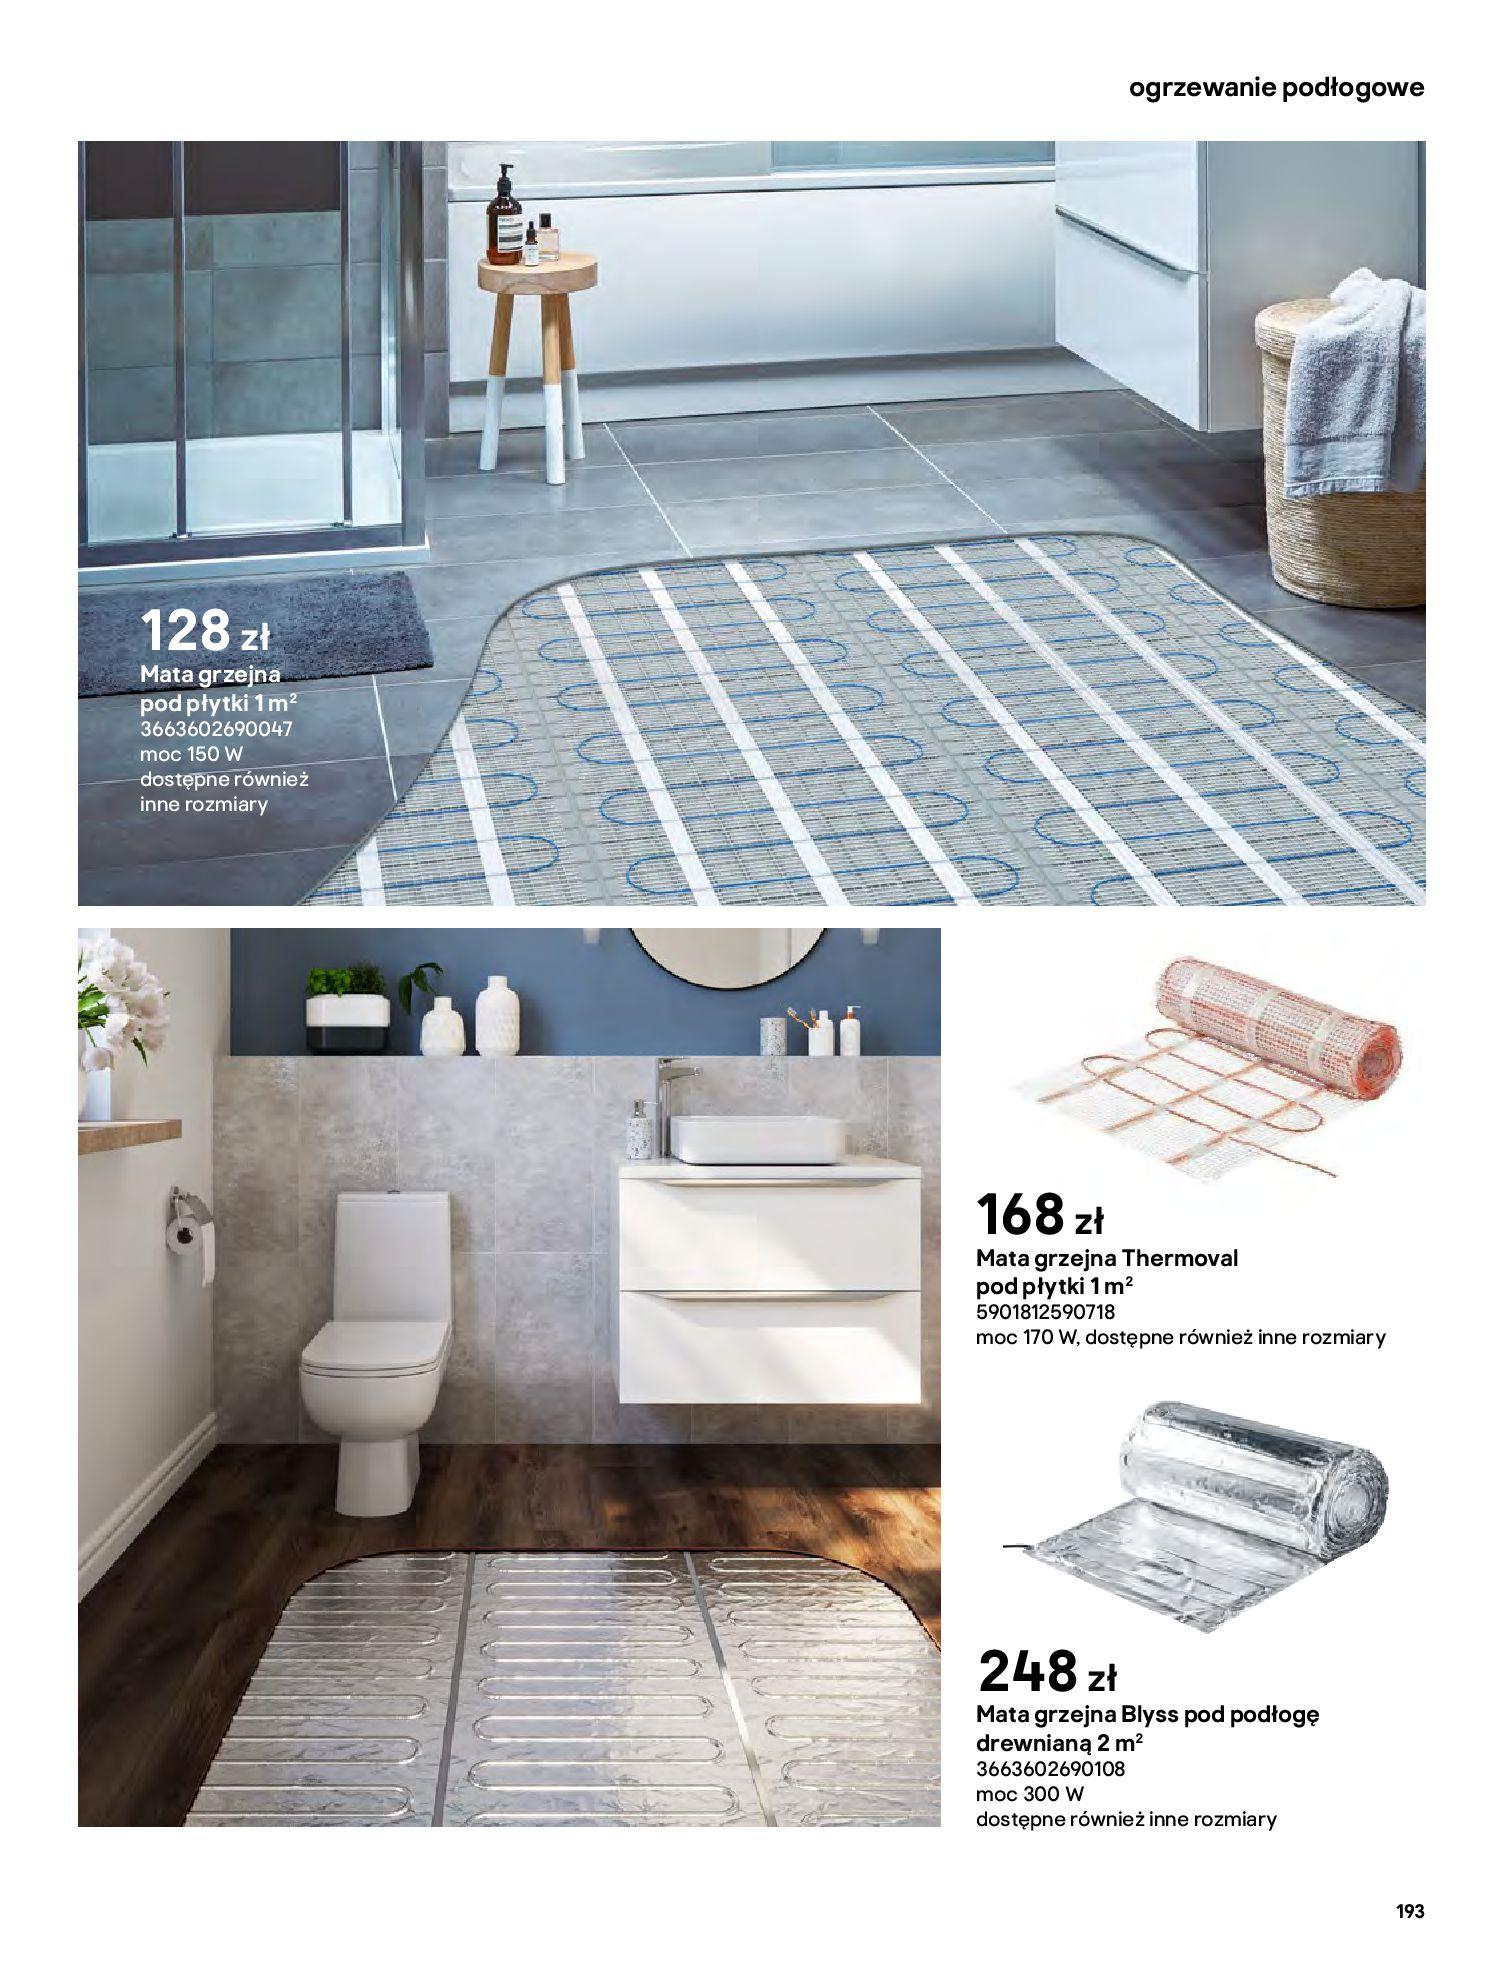 Gazetka Castorama: Gazetka Castorama - katalog łazienki 2021 2021-06-16 page-193